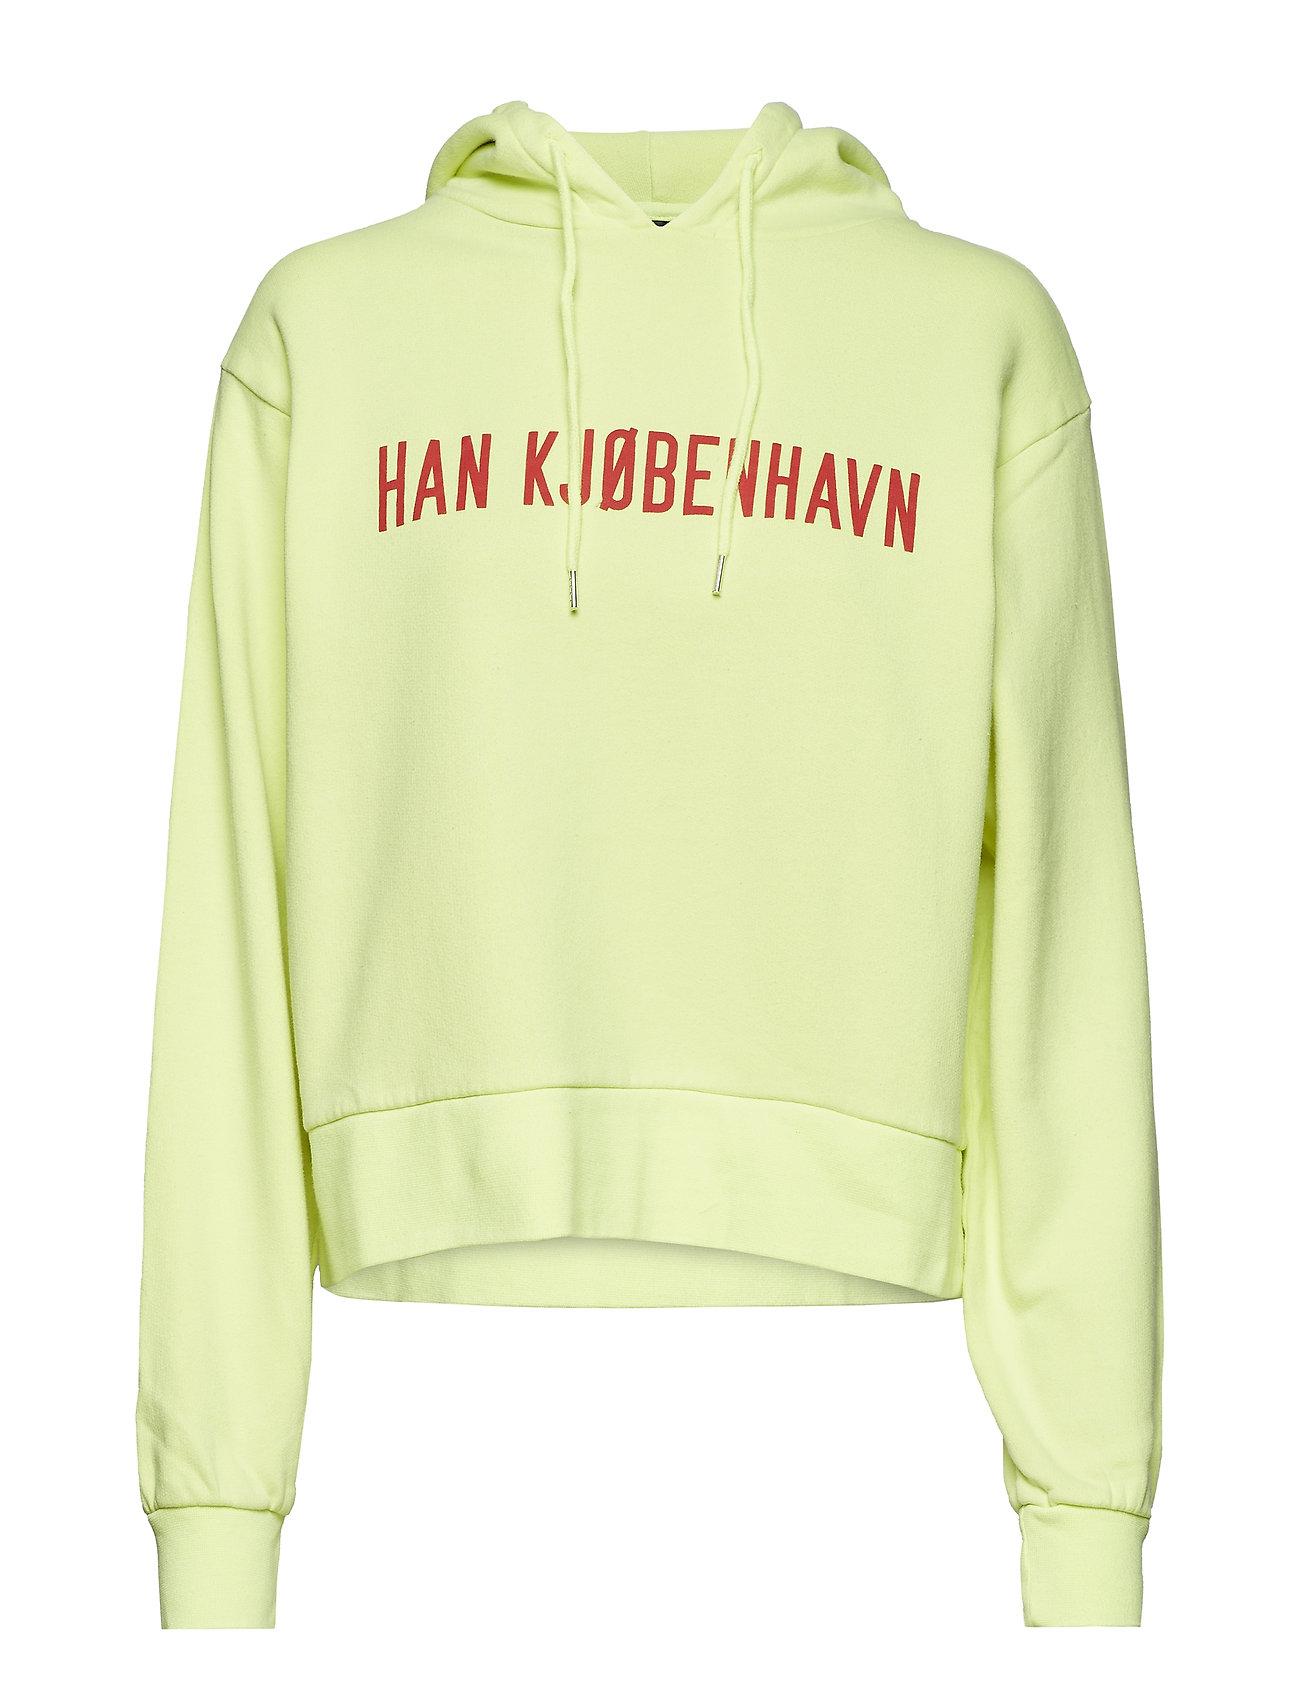 HAN Kjøbenhavn Artwork Hoodie